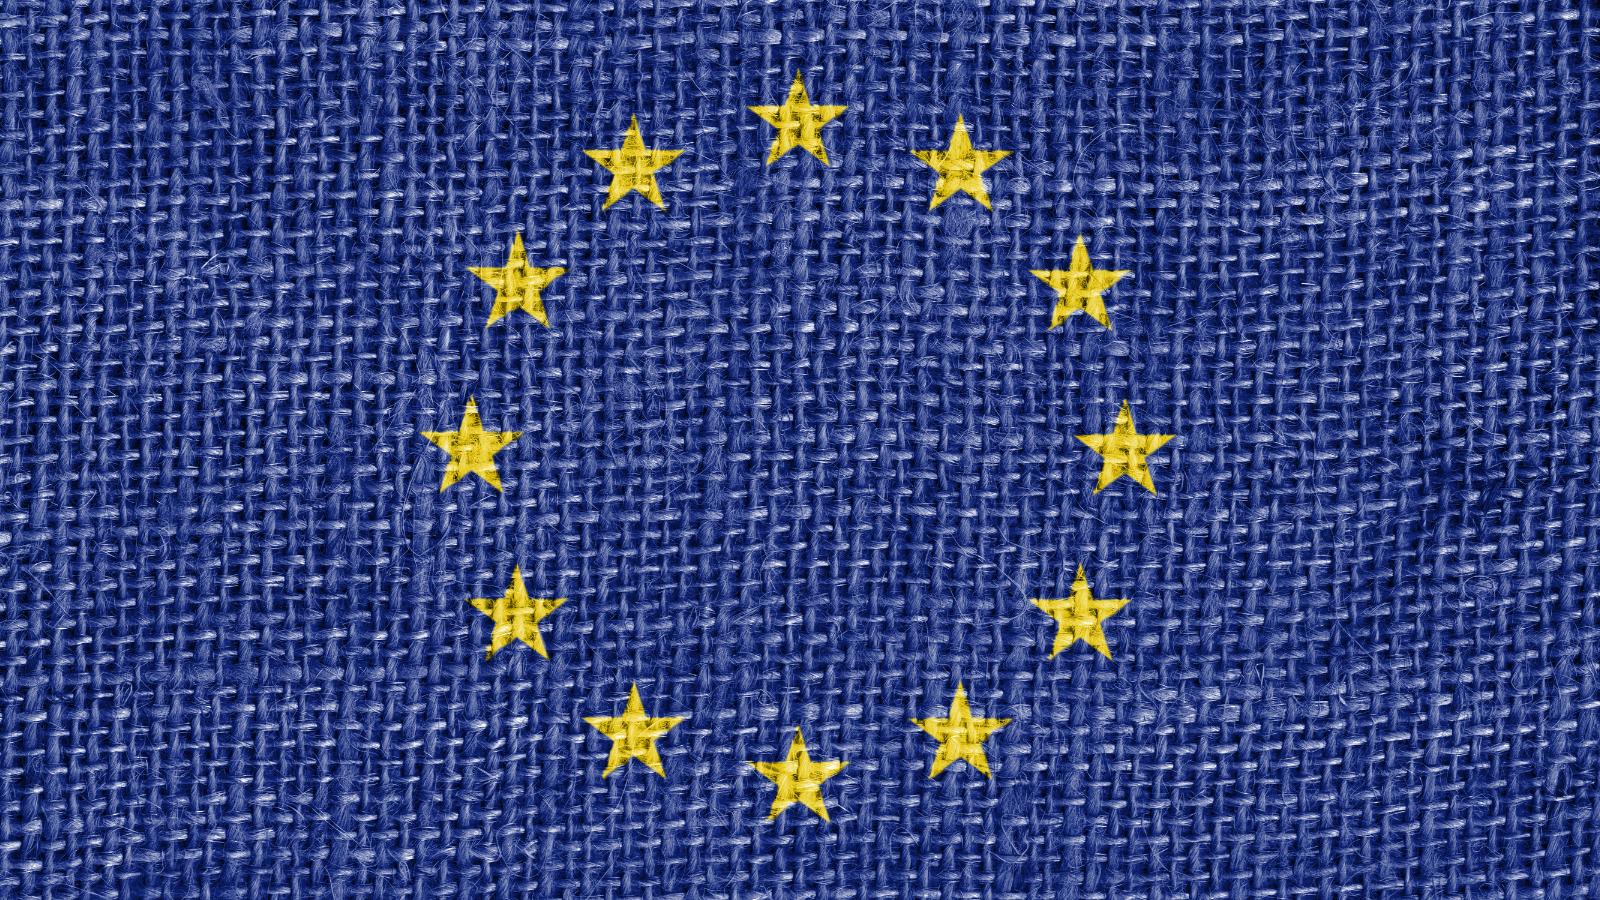 Überblick zu Regulierungen in der EU